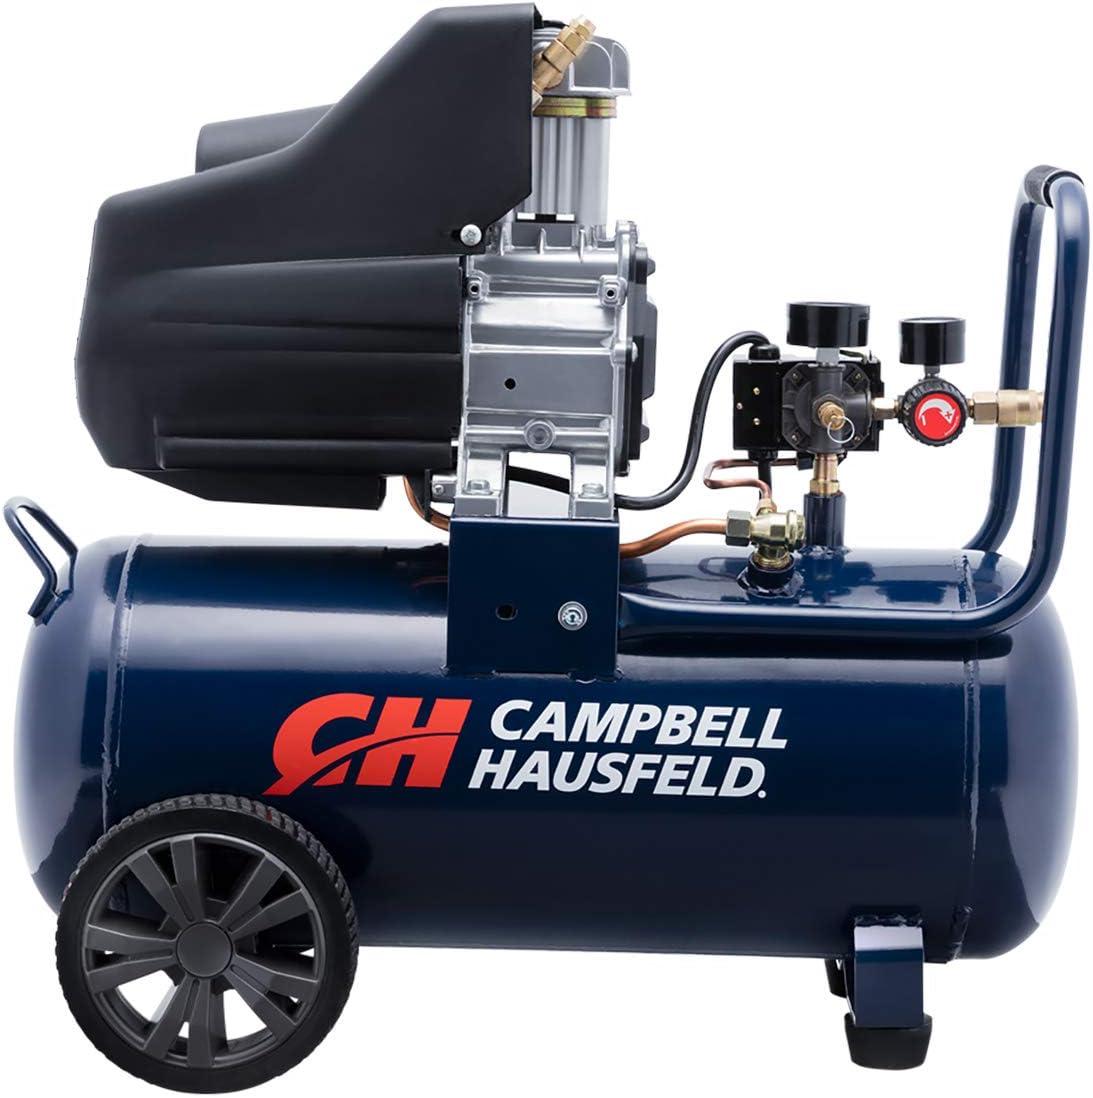 Campbell Hausfeld 8 Gallon Portable Quiet Air Compressor